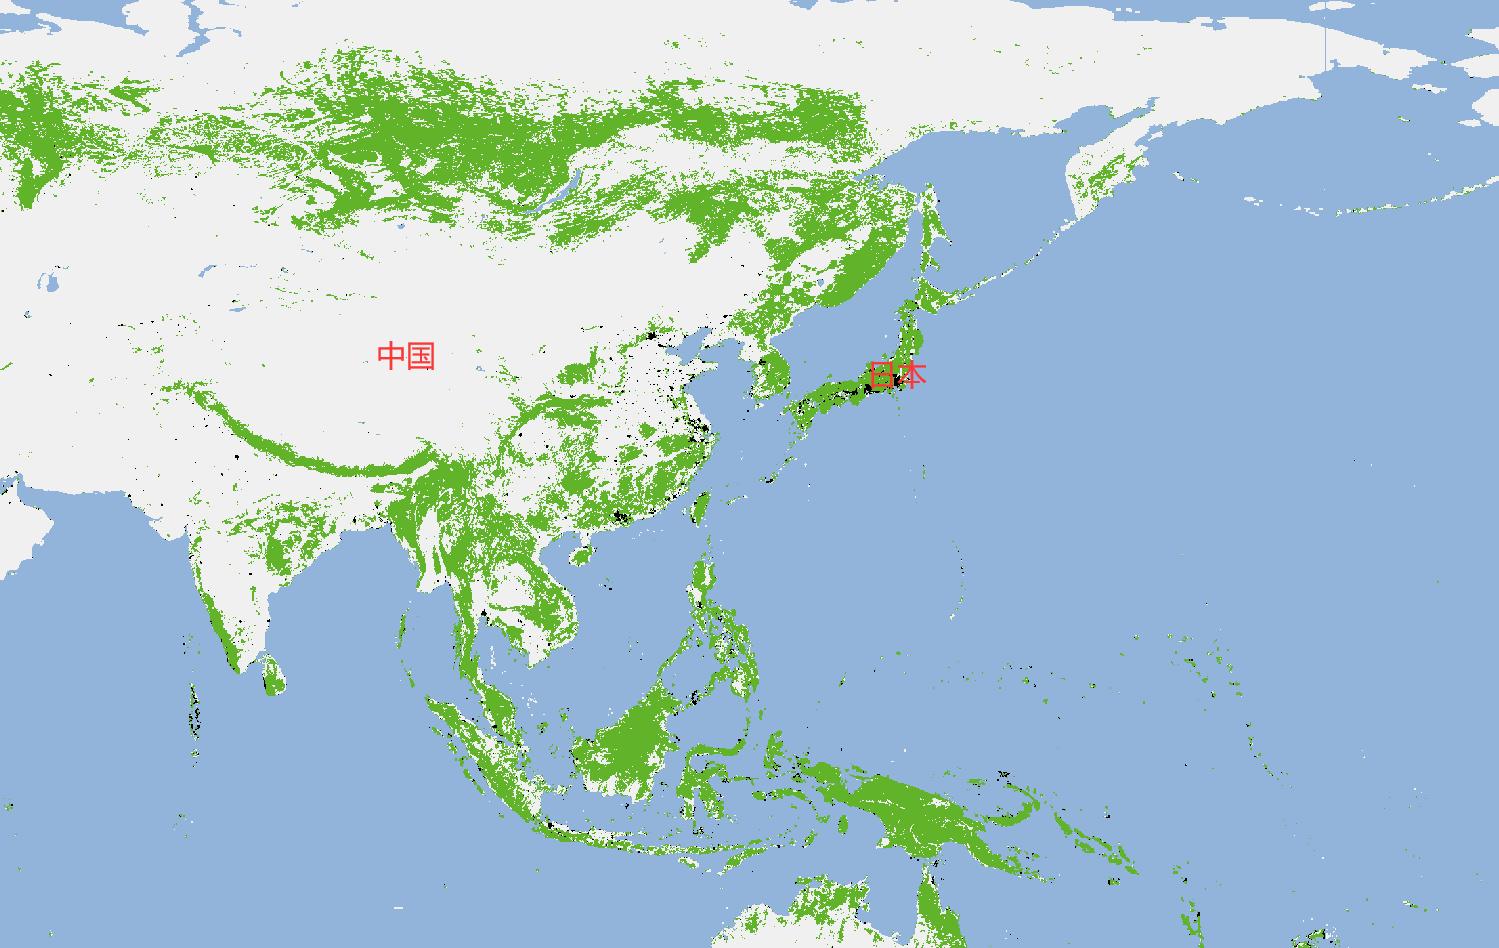 森林覆盖率:中国达22.96%,日本69%,为何我国做得还更出色?